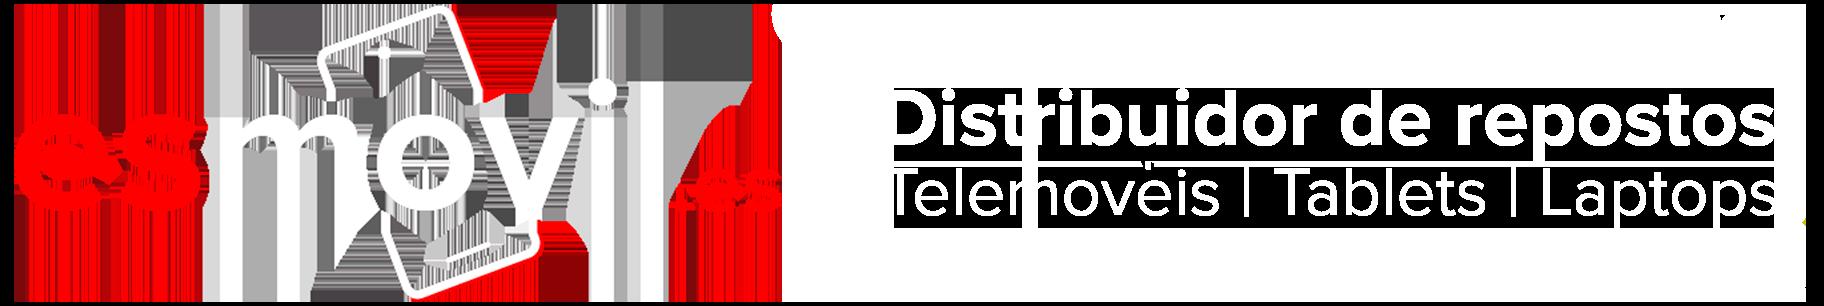 esmovil.es | Distribuidor de repuestos móviles y tablets